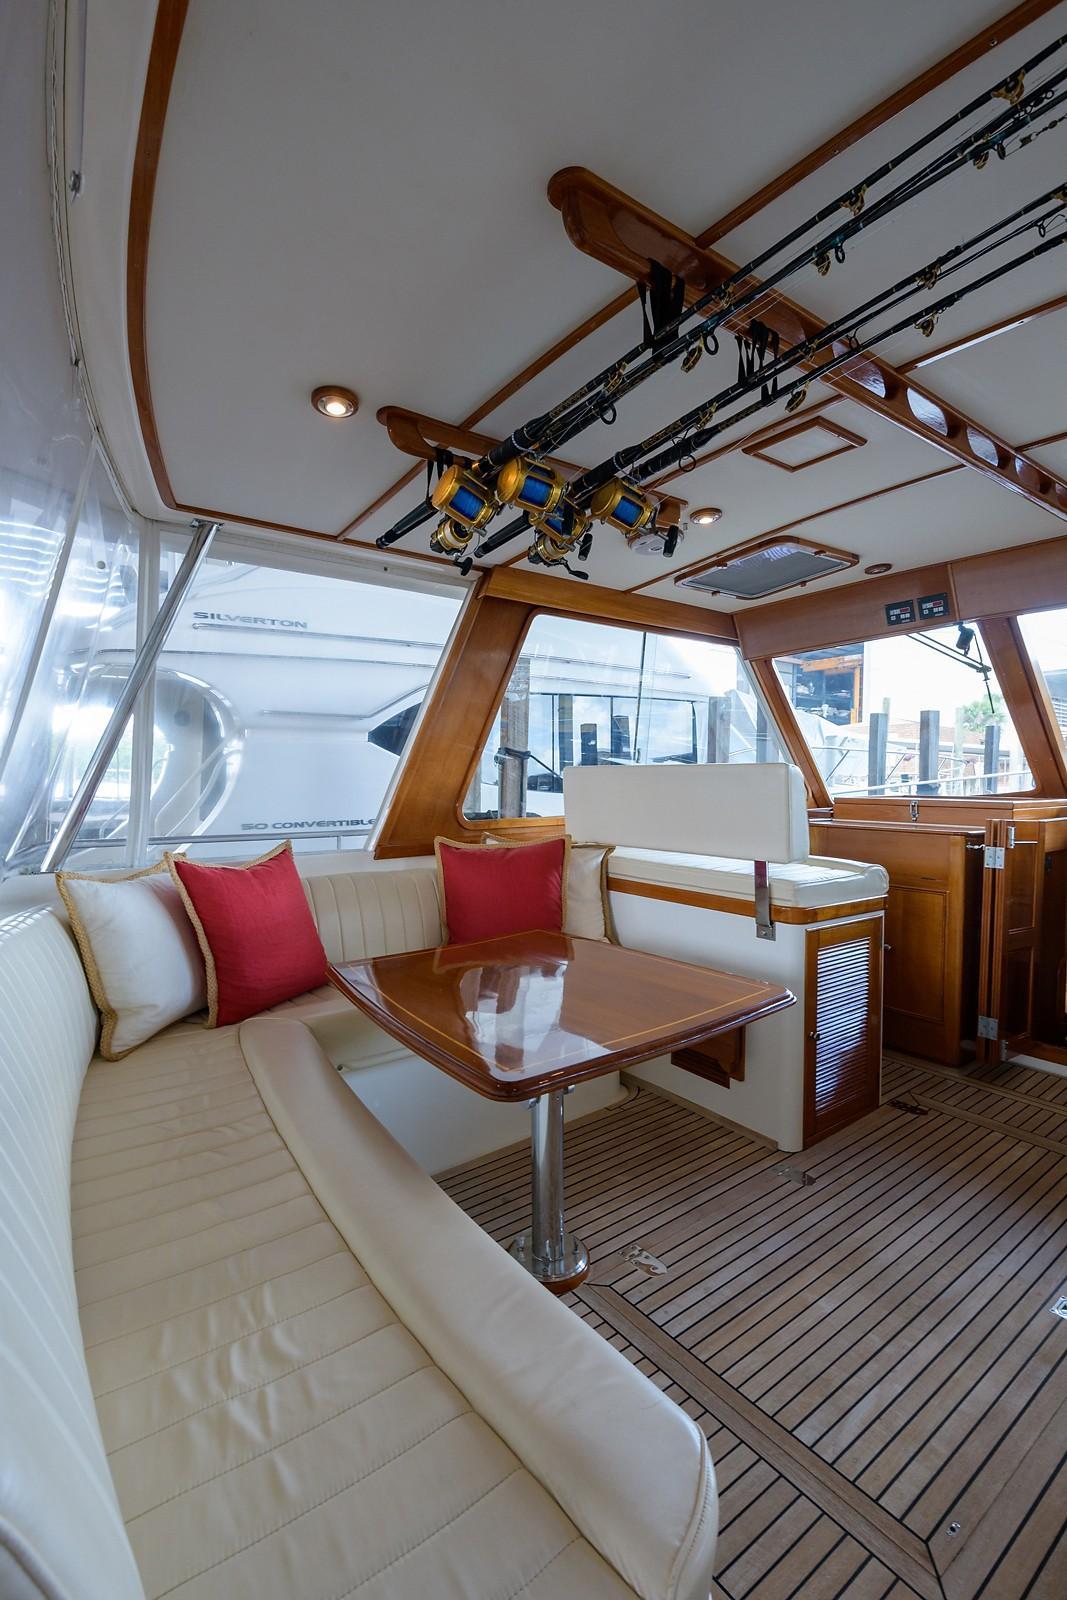 Helm Deck, Port Settee